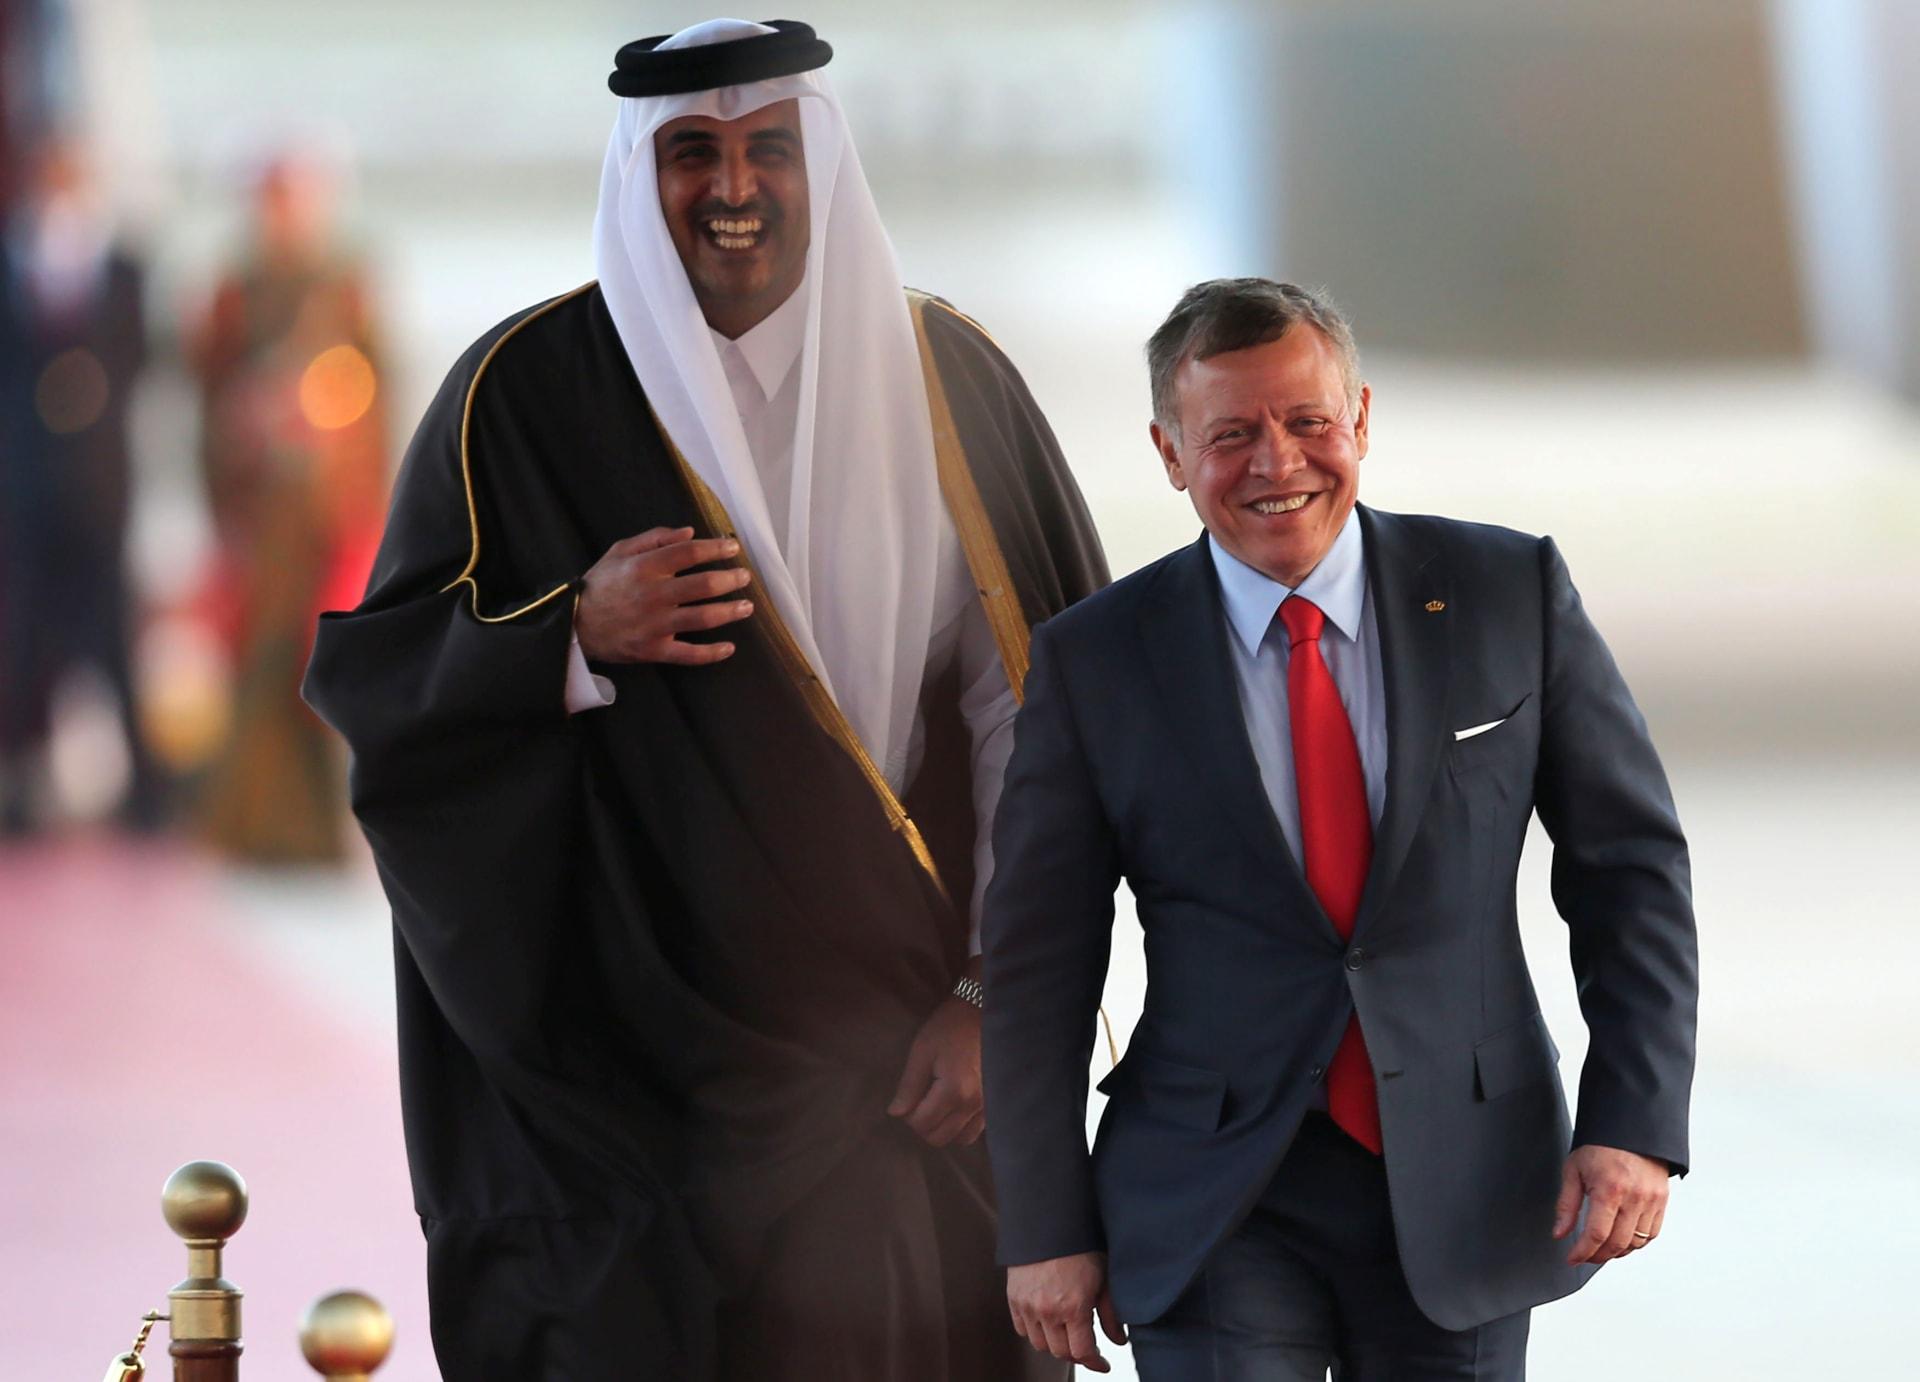 """السفير القطري بالأردن: علاقة البلدين """"دافئة"""".. ولم تتأثر بخفض عمَان تمثيلها الدبلوماسي مع الدوحة"""